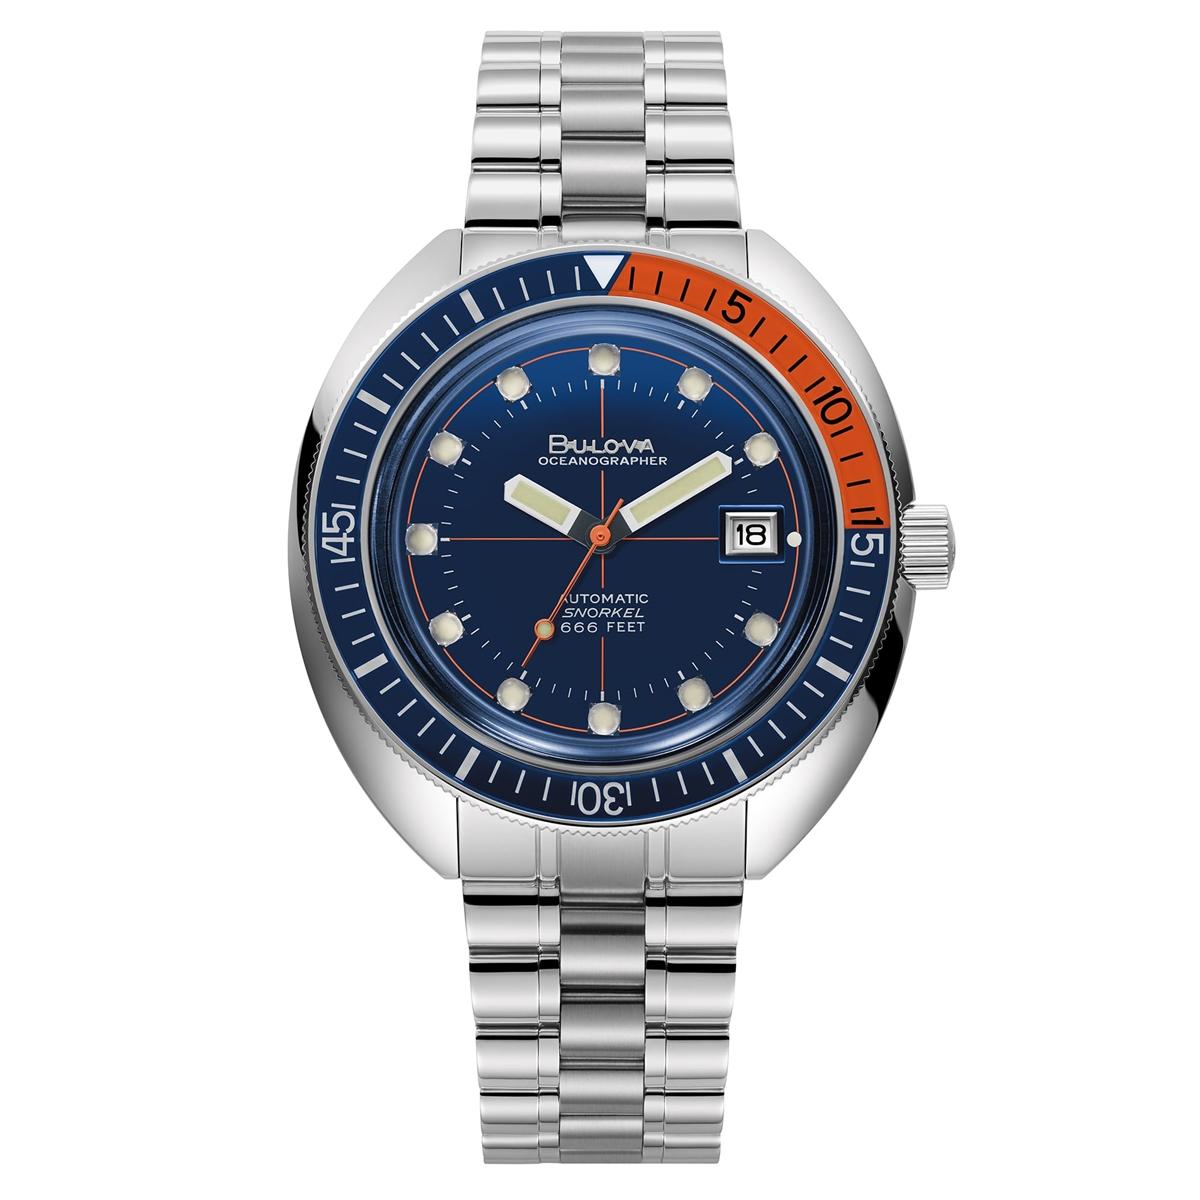 ブローバ BULOVA 96B321 オーシャノグラファー デビルダイバー 正規品 腕時計